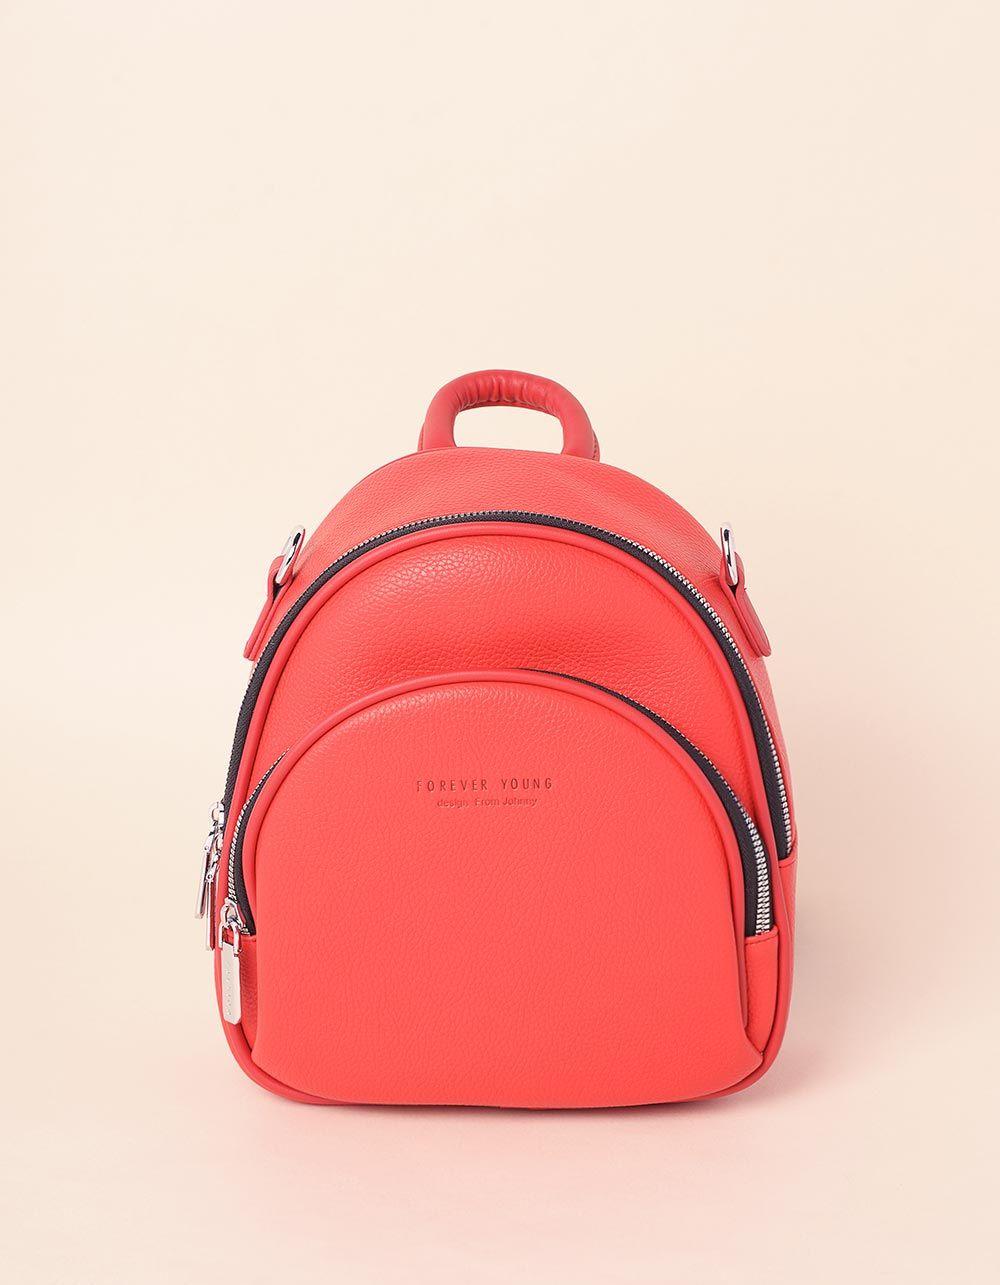 Рюкзак трансформер малеький з кишенею | 238959-15-XX